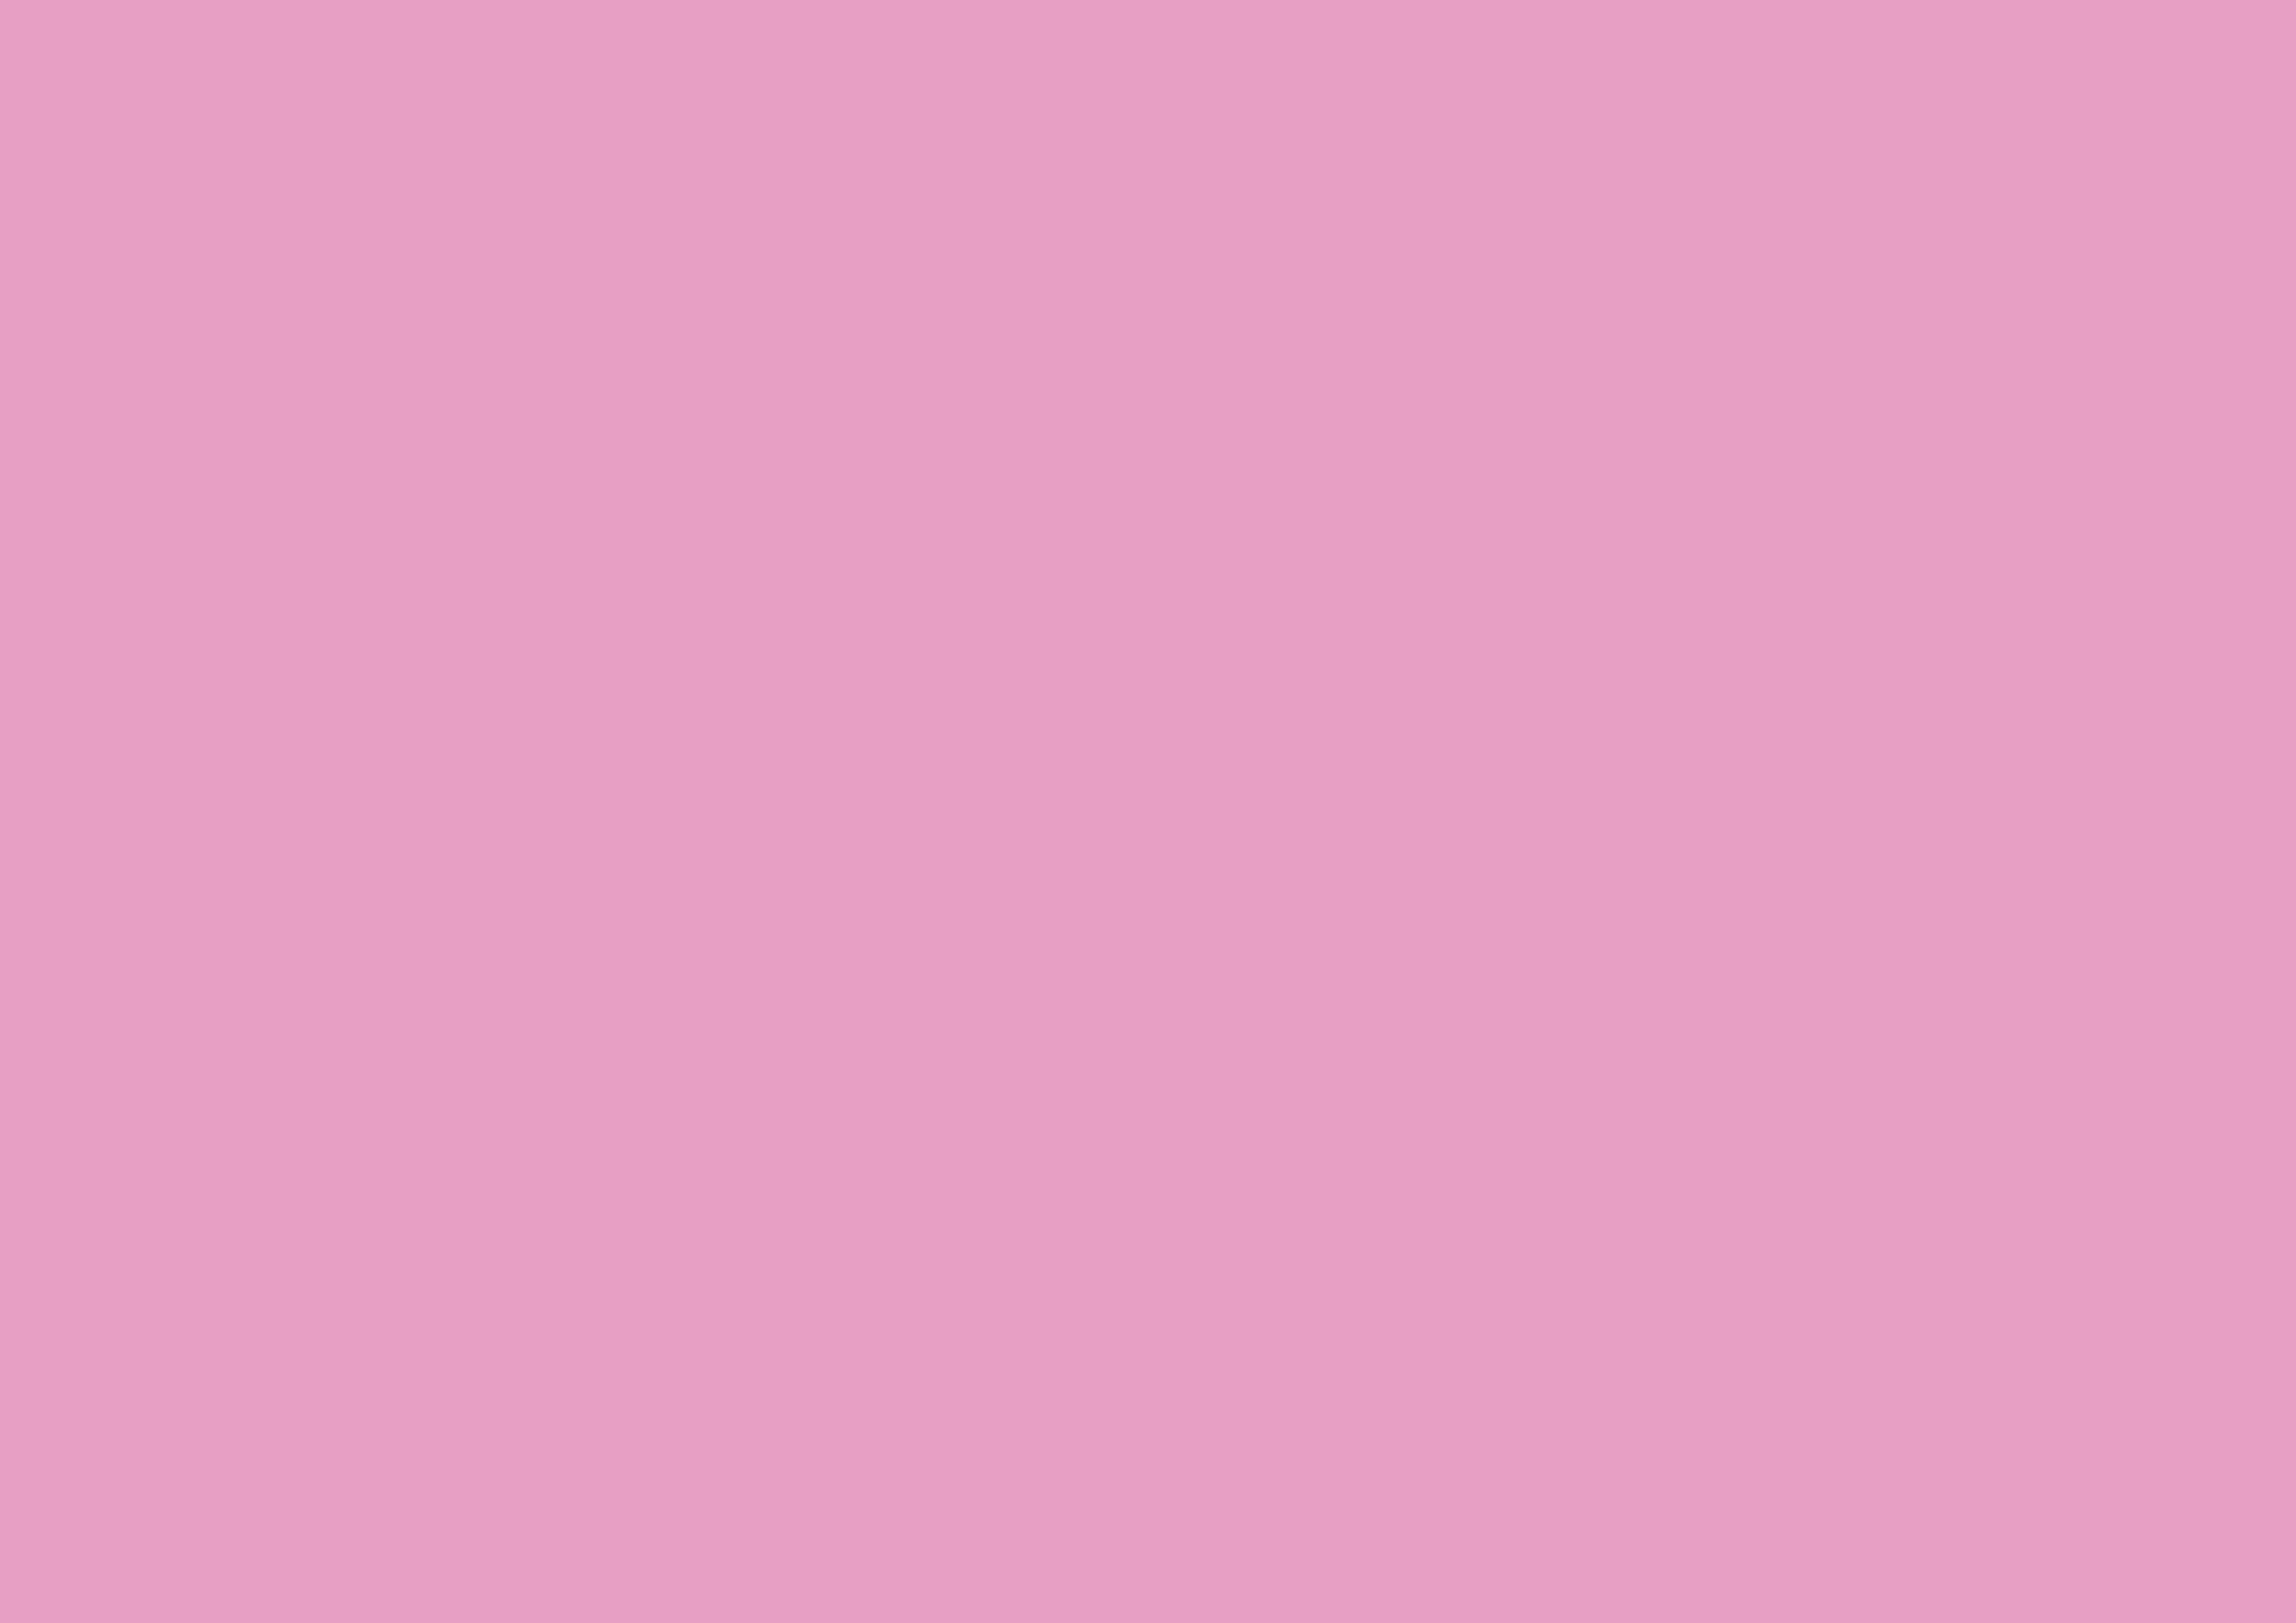 3508x2480 Kobi Solid Color Background